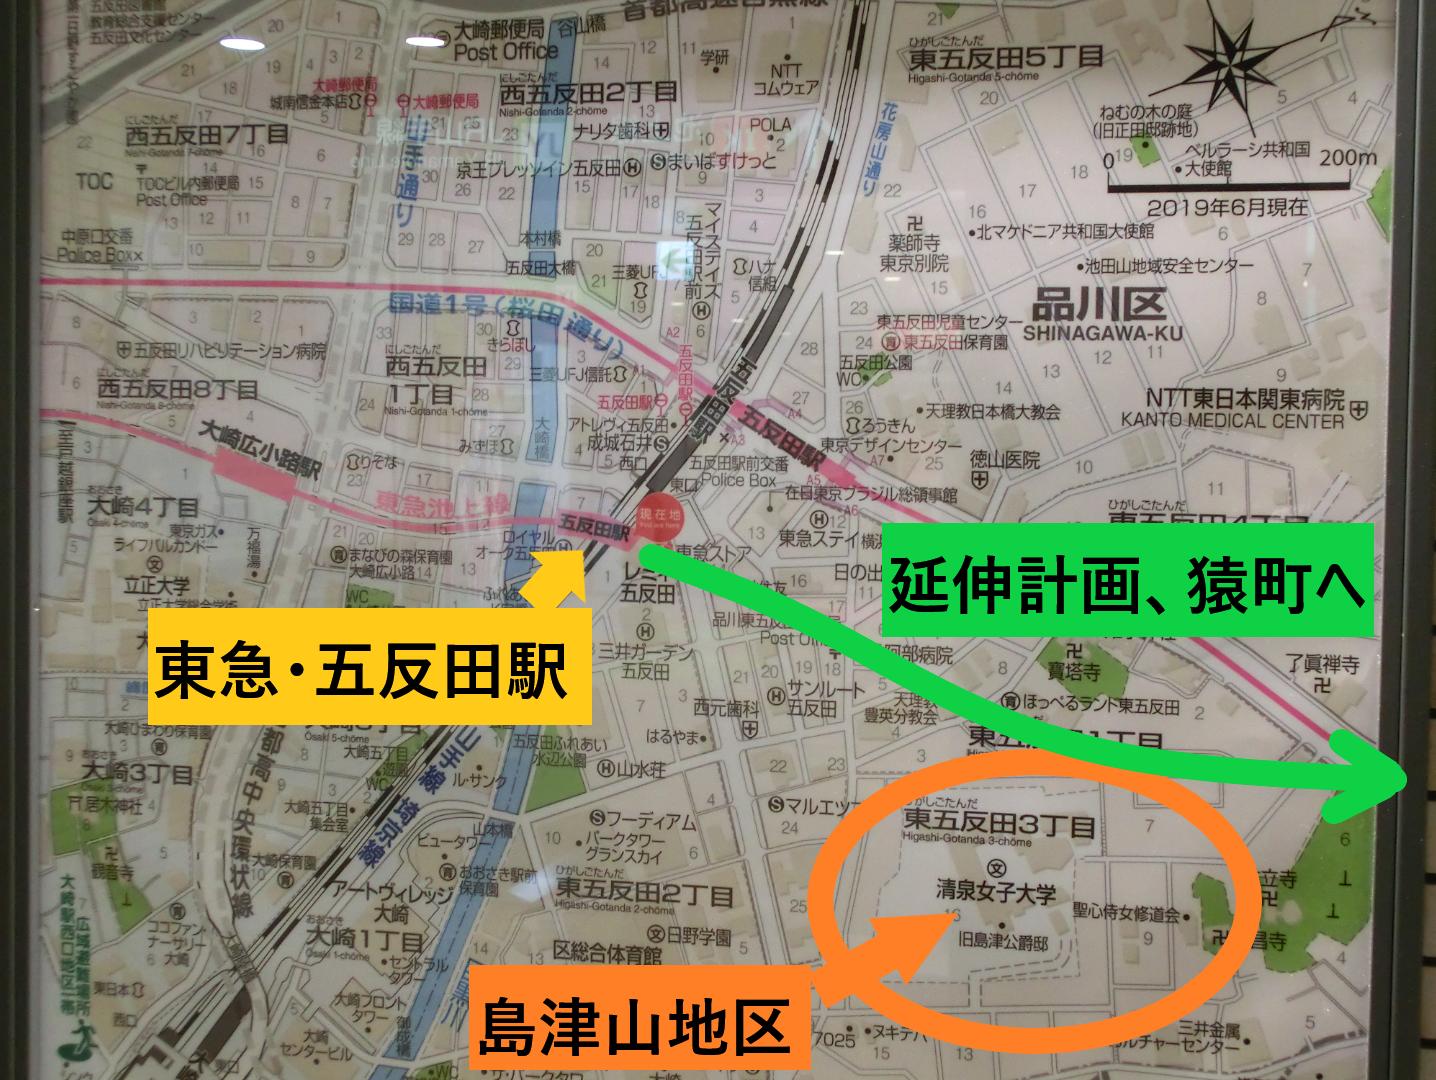 池上電気鉄道 五反田 延伸計画 五反田駅周辺散策3